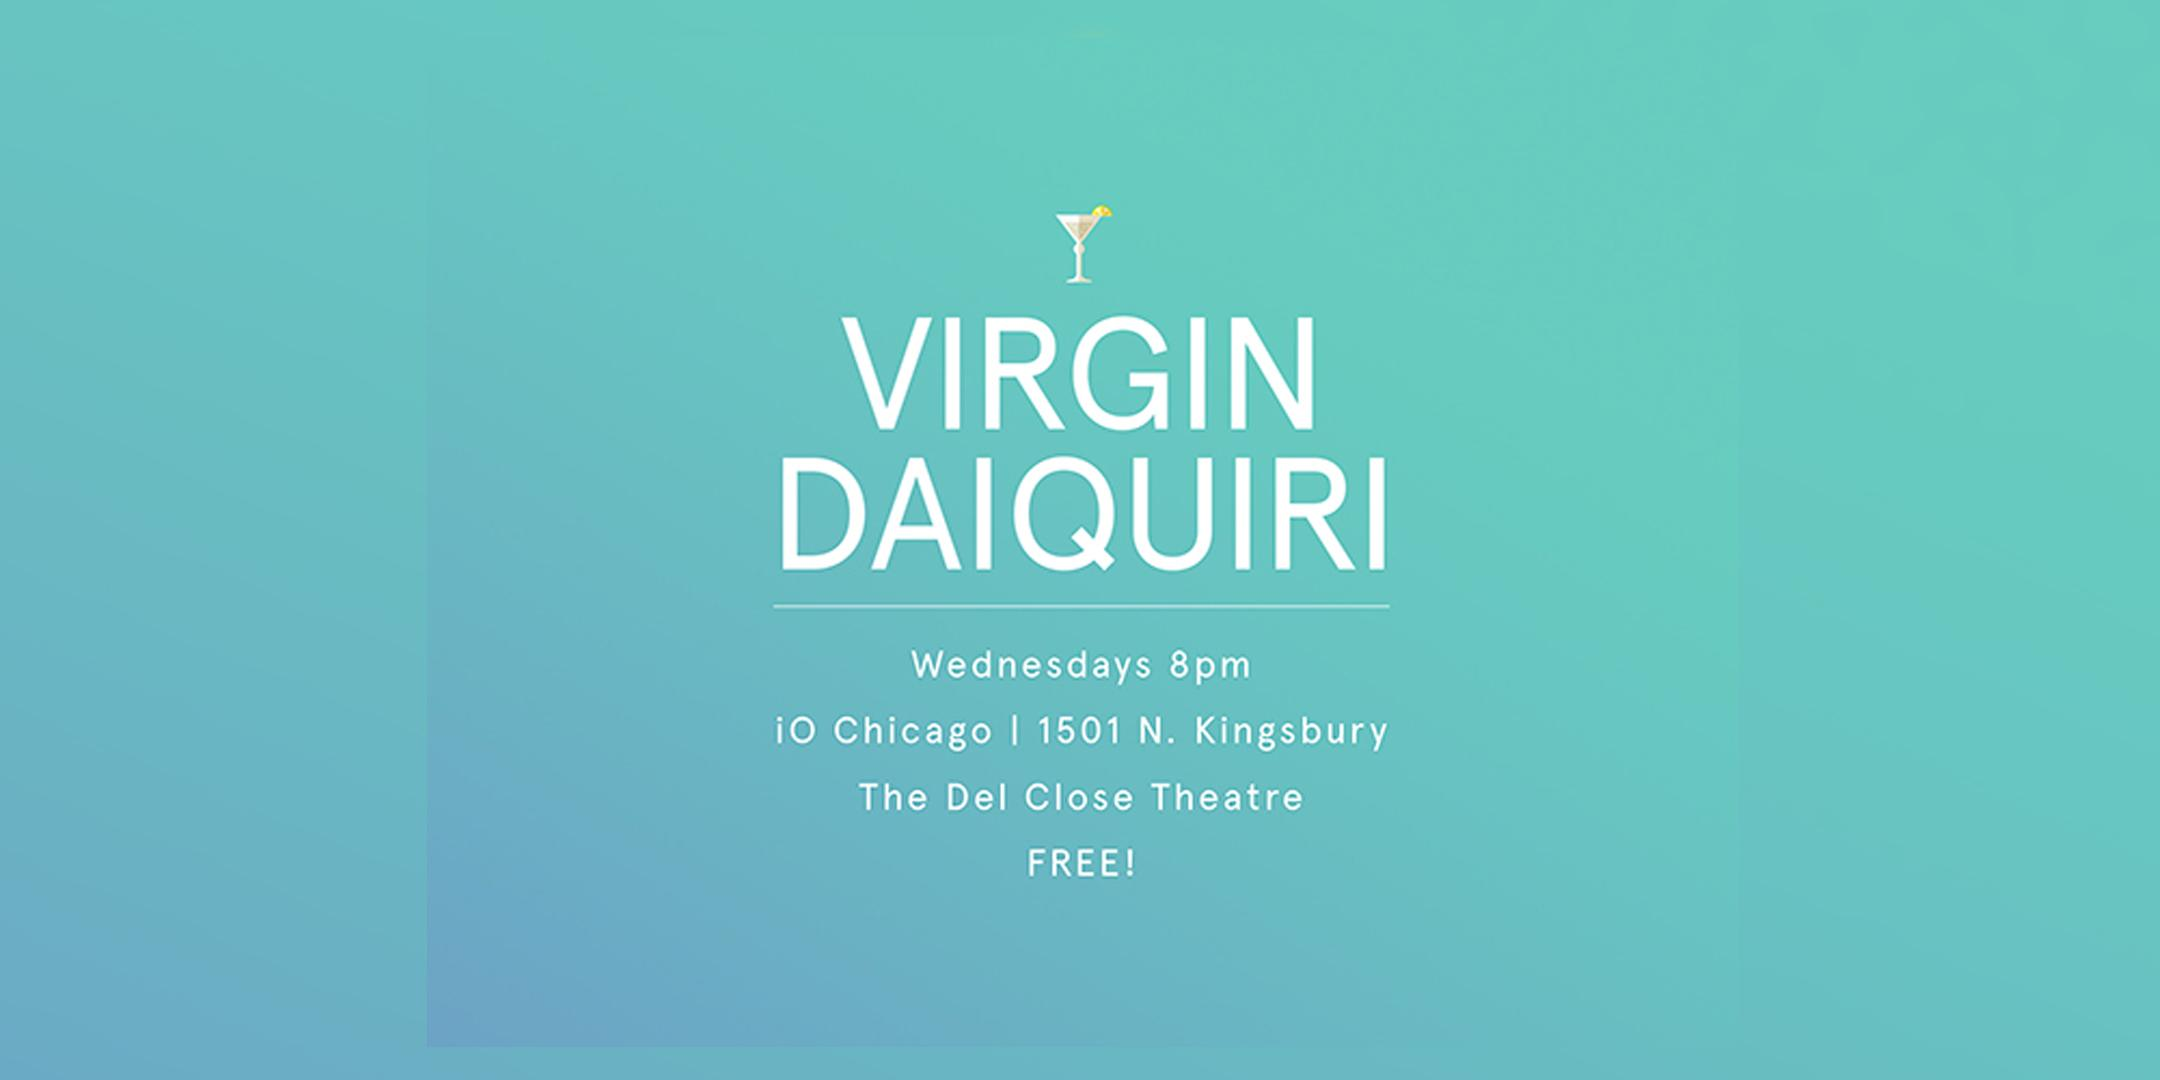 Virgin Daiquiri/ The Harold Team 2 Bed 3 Bath